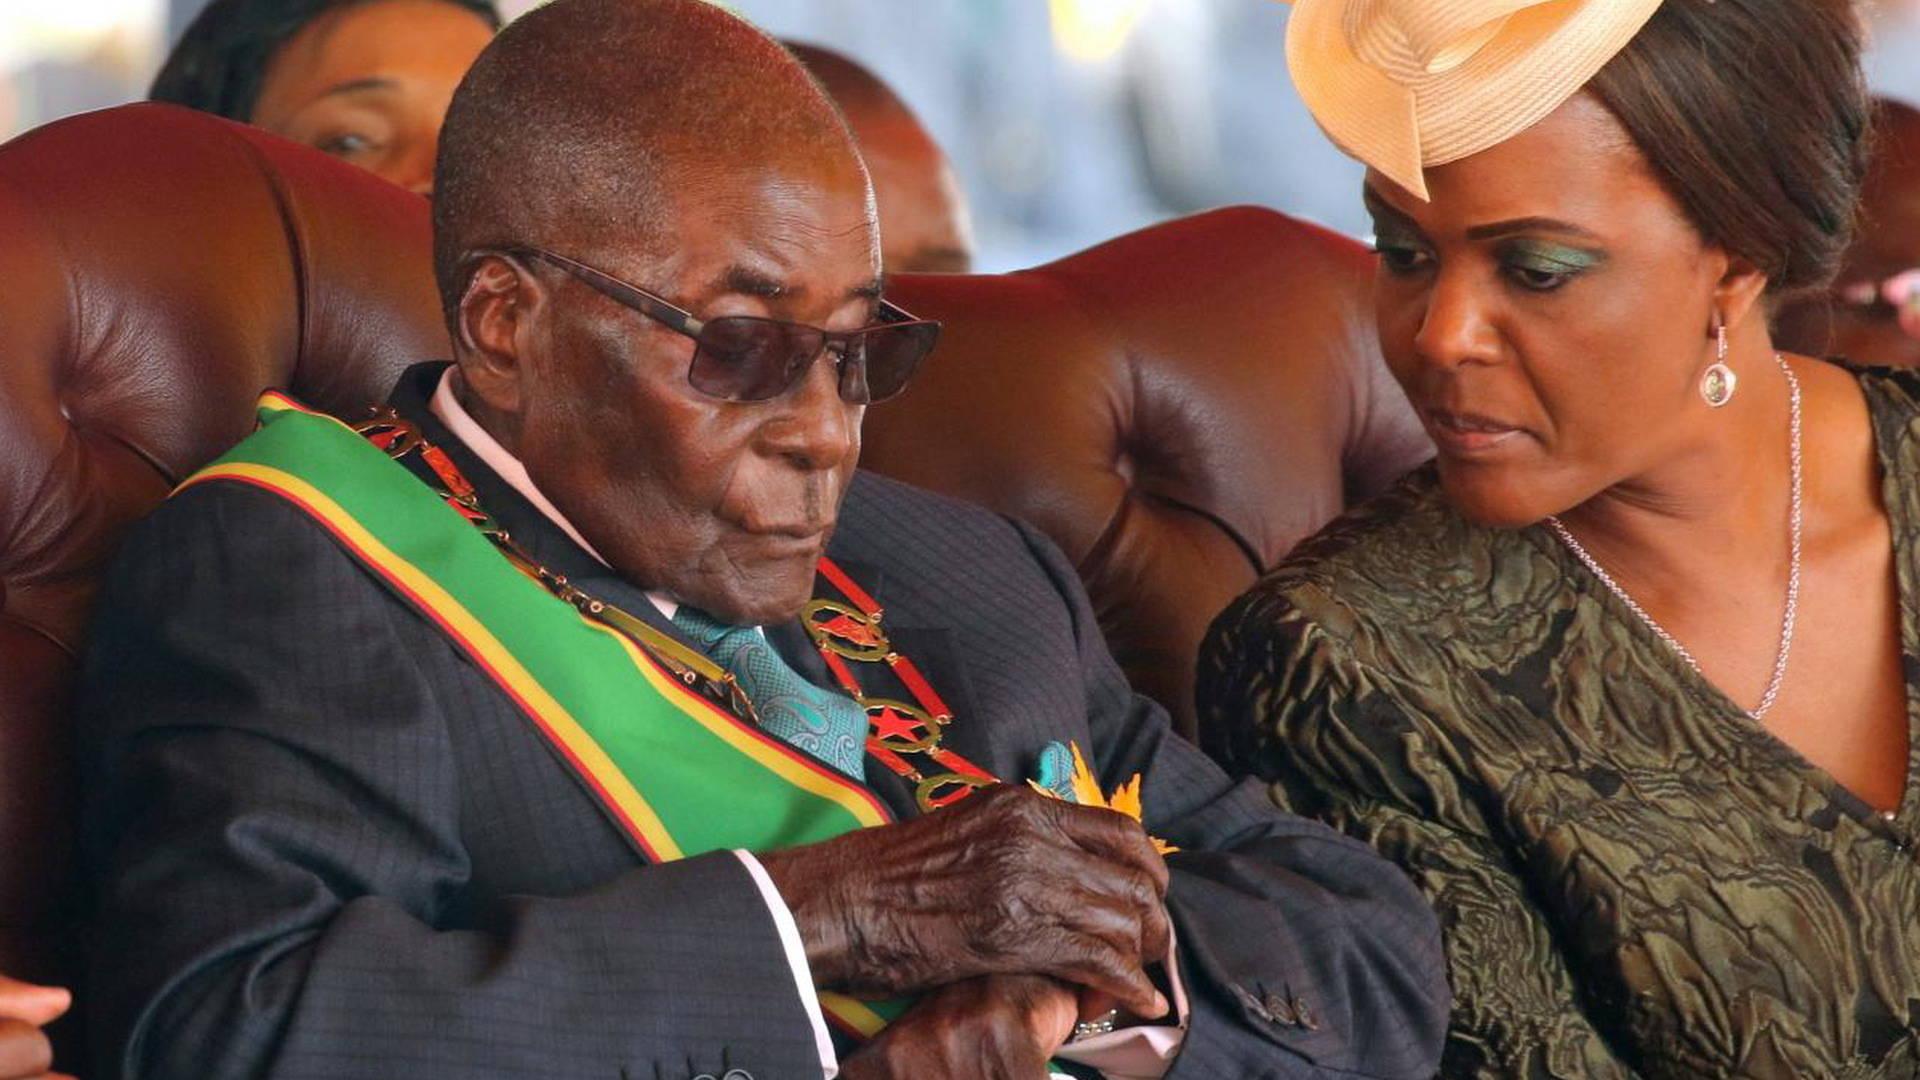 Zimbabwe in Limbo as Military Seizes Control & Places President Mugabe Under House Arrest